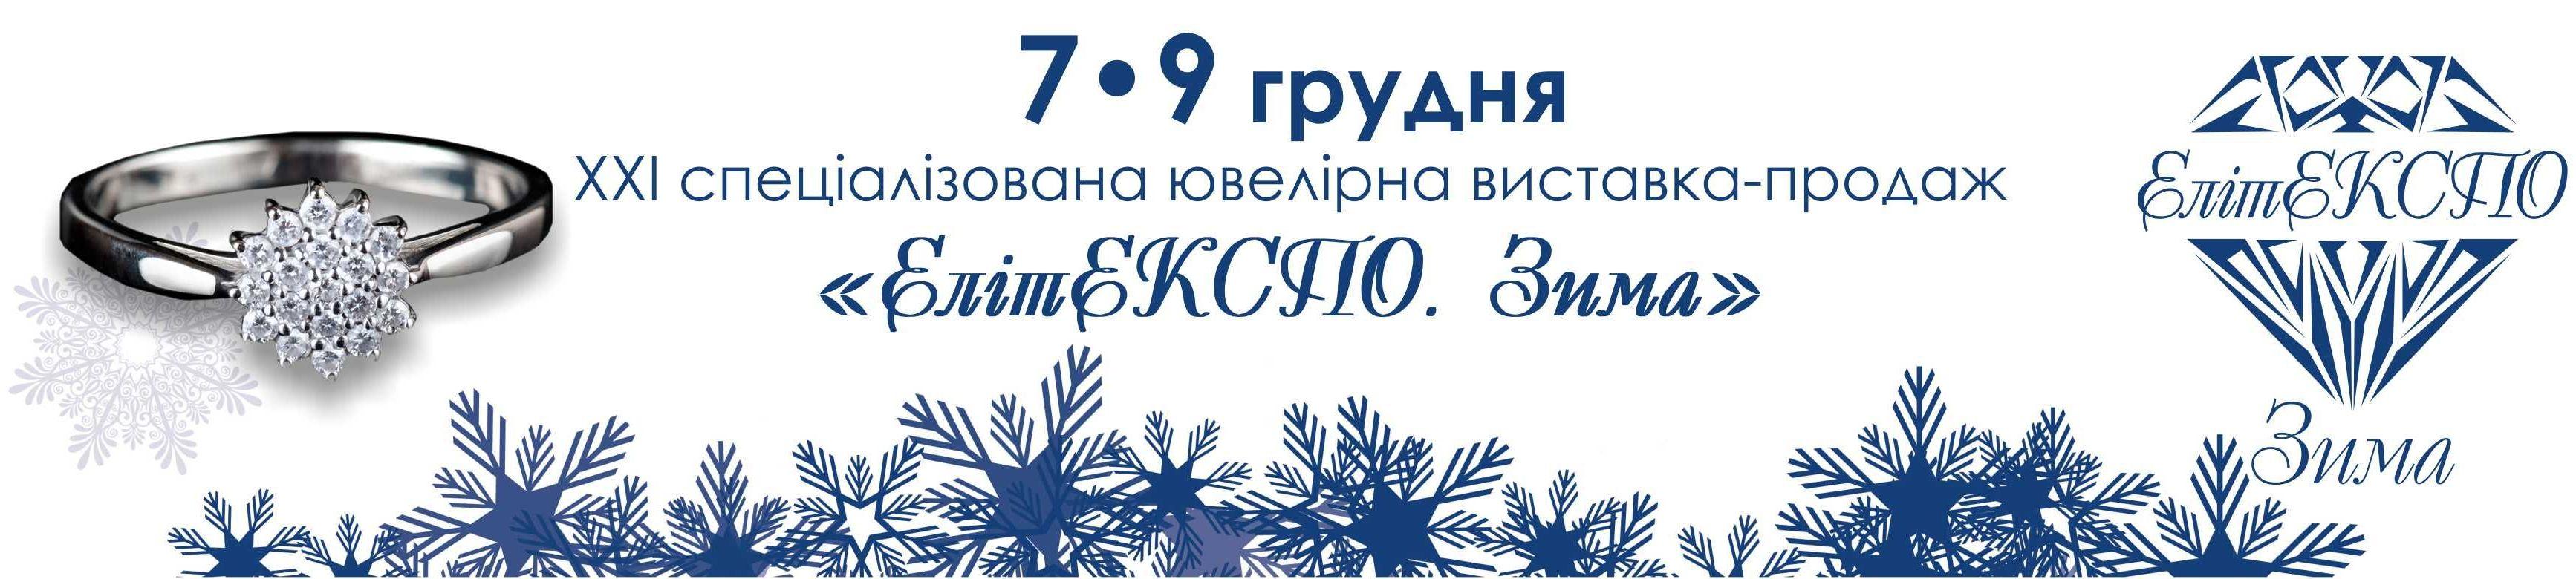 ЕлітЕКСПО.Зима